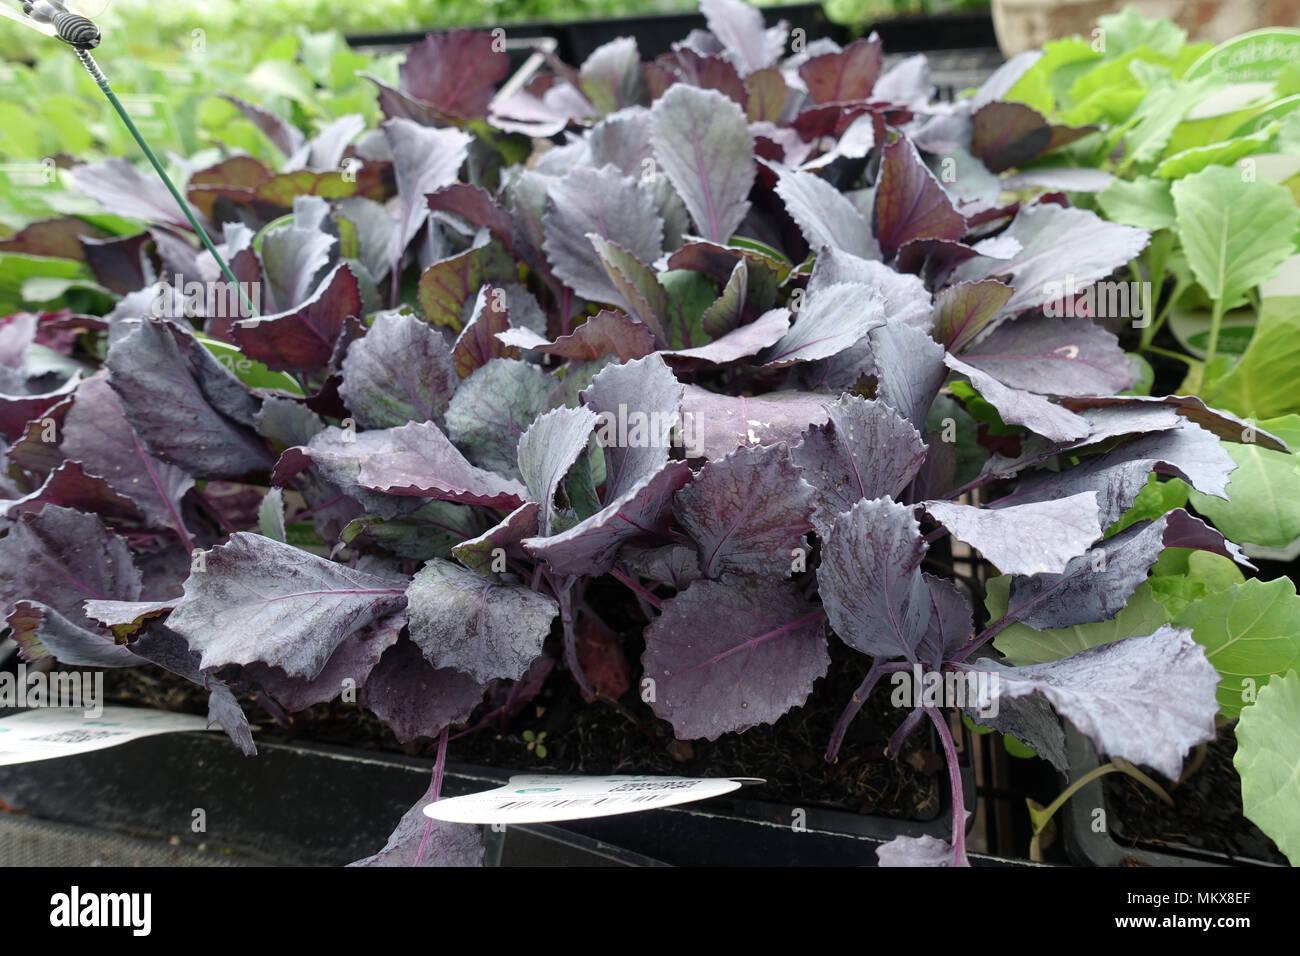 Brassica oleracea o noto come cavolo rosso bambino Brassica oleracea o noto come cavolo rosso bambino Immagini Stock